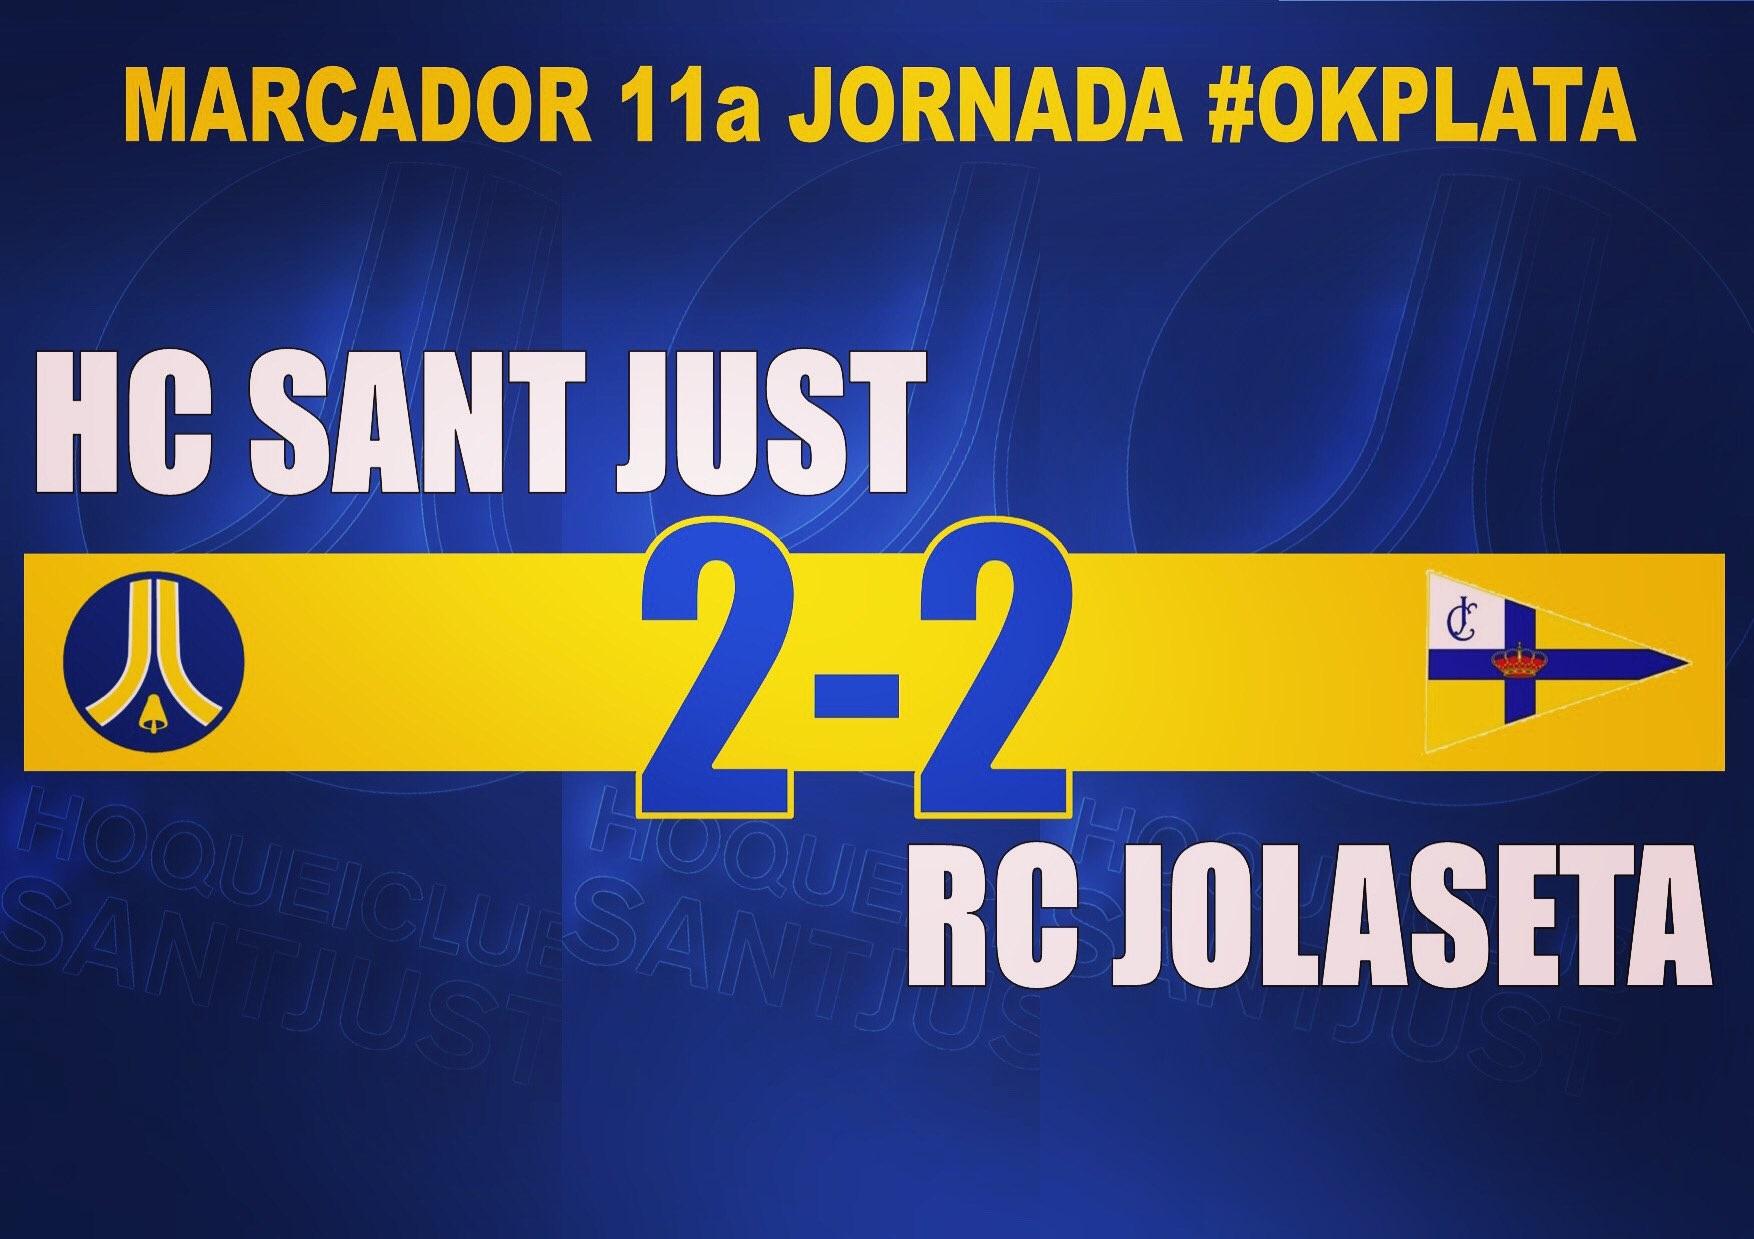 OK PLATA 2 - RC JOLASETA 2